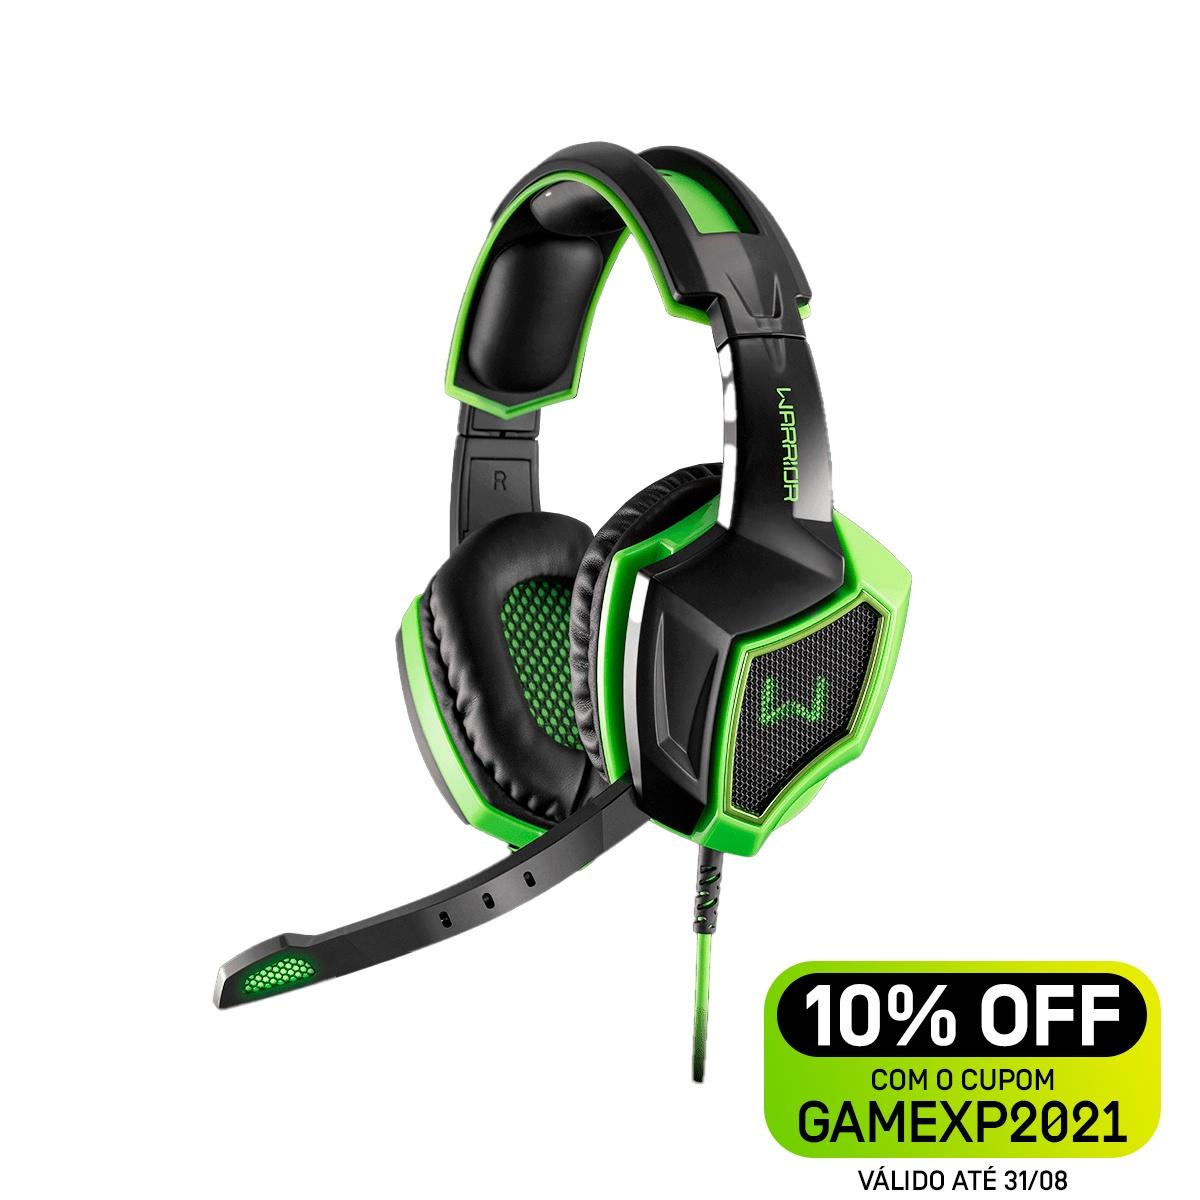 Headset Gamer Warrior Ares USB 7.1 3D Surround Sound Preto/Verde - PH224